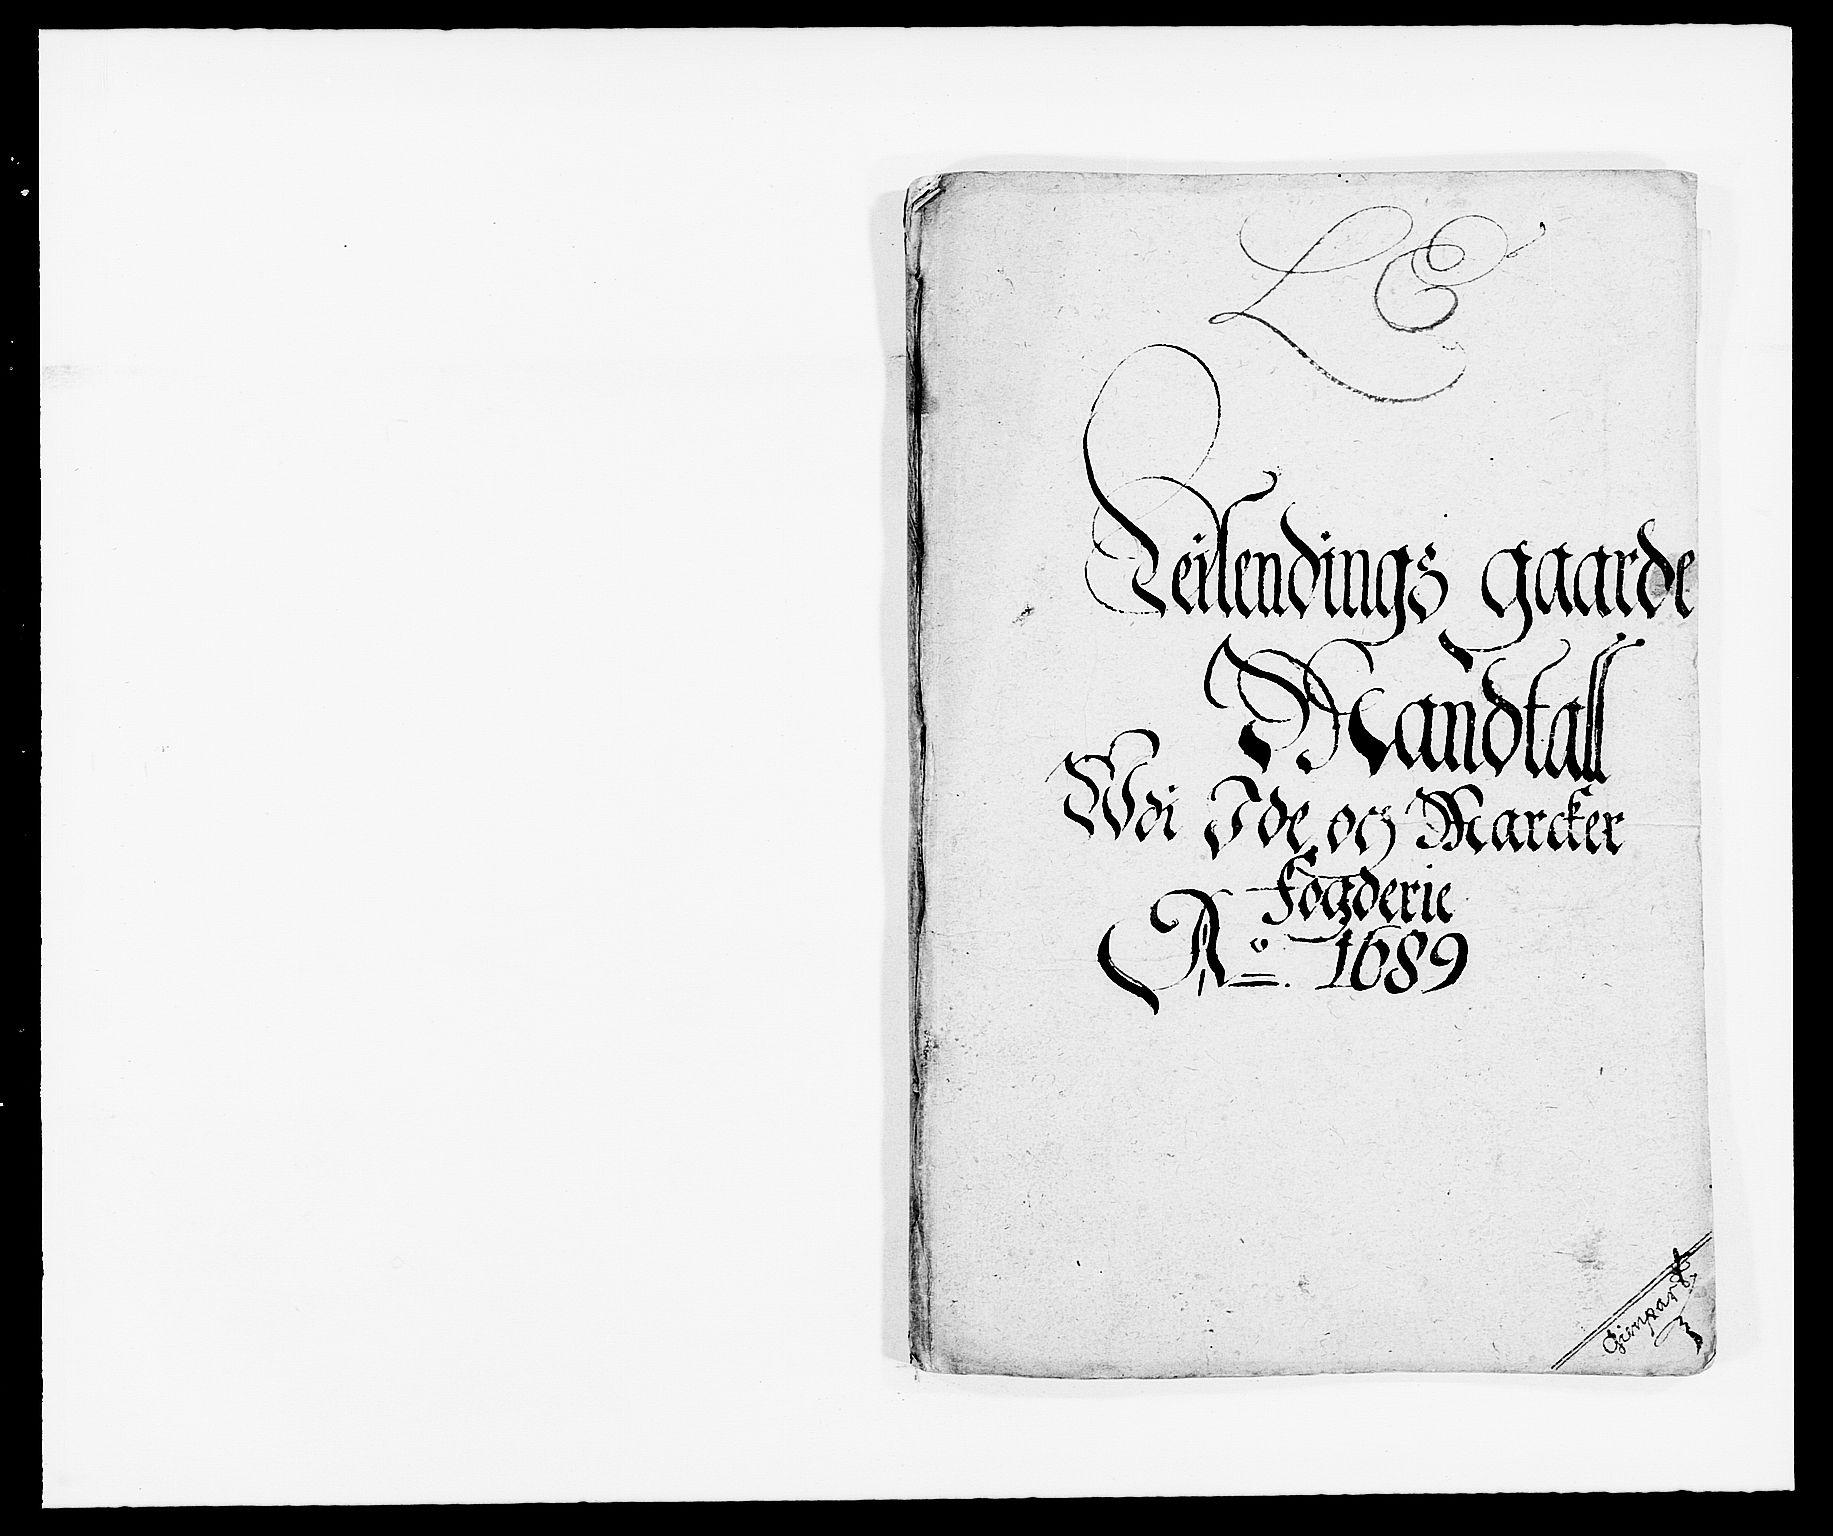 RA, Rentekammeret inntil 1814, Reviderte regnskaper, Fogderegnskap, R01/L0008: Fogderegnskap Idd og Marker, 1689, s. 92